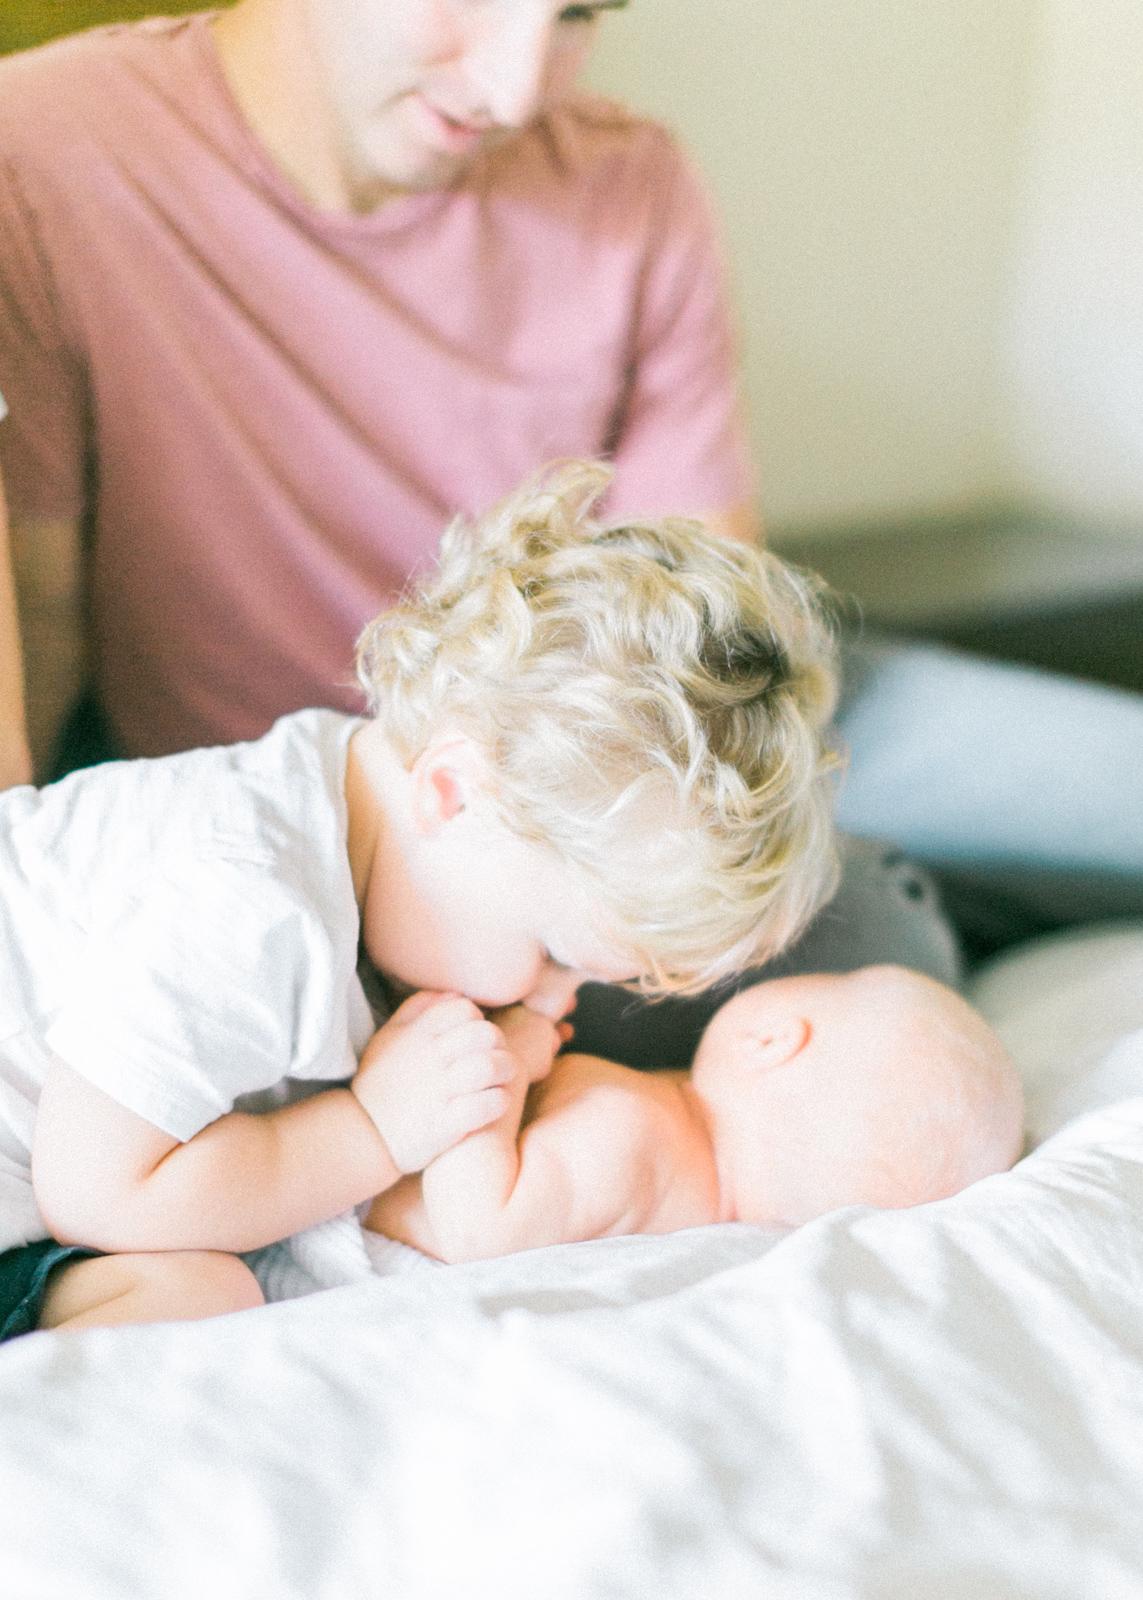 boise-newborn-photographer--12.jpg